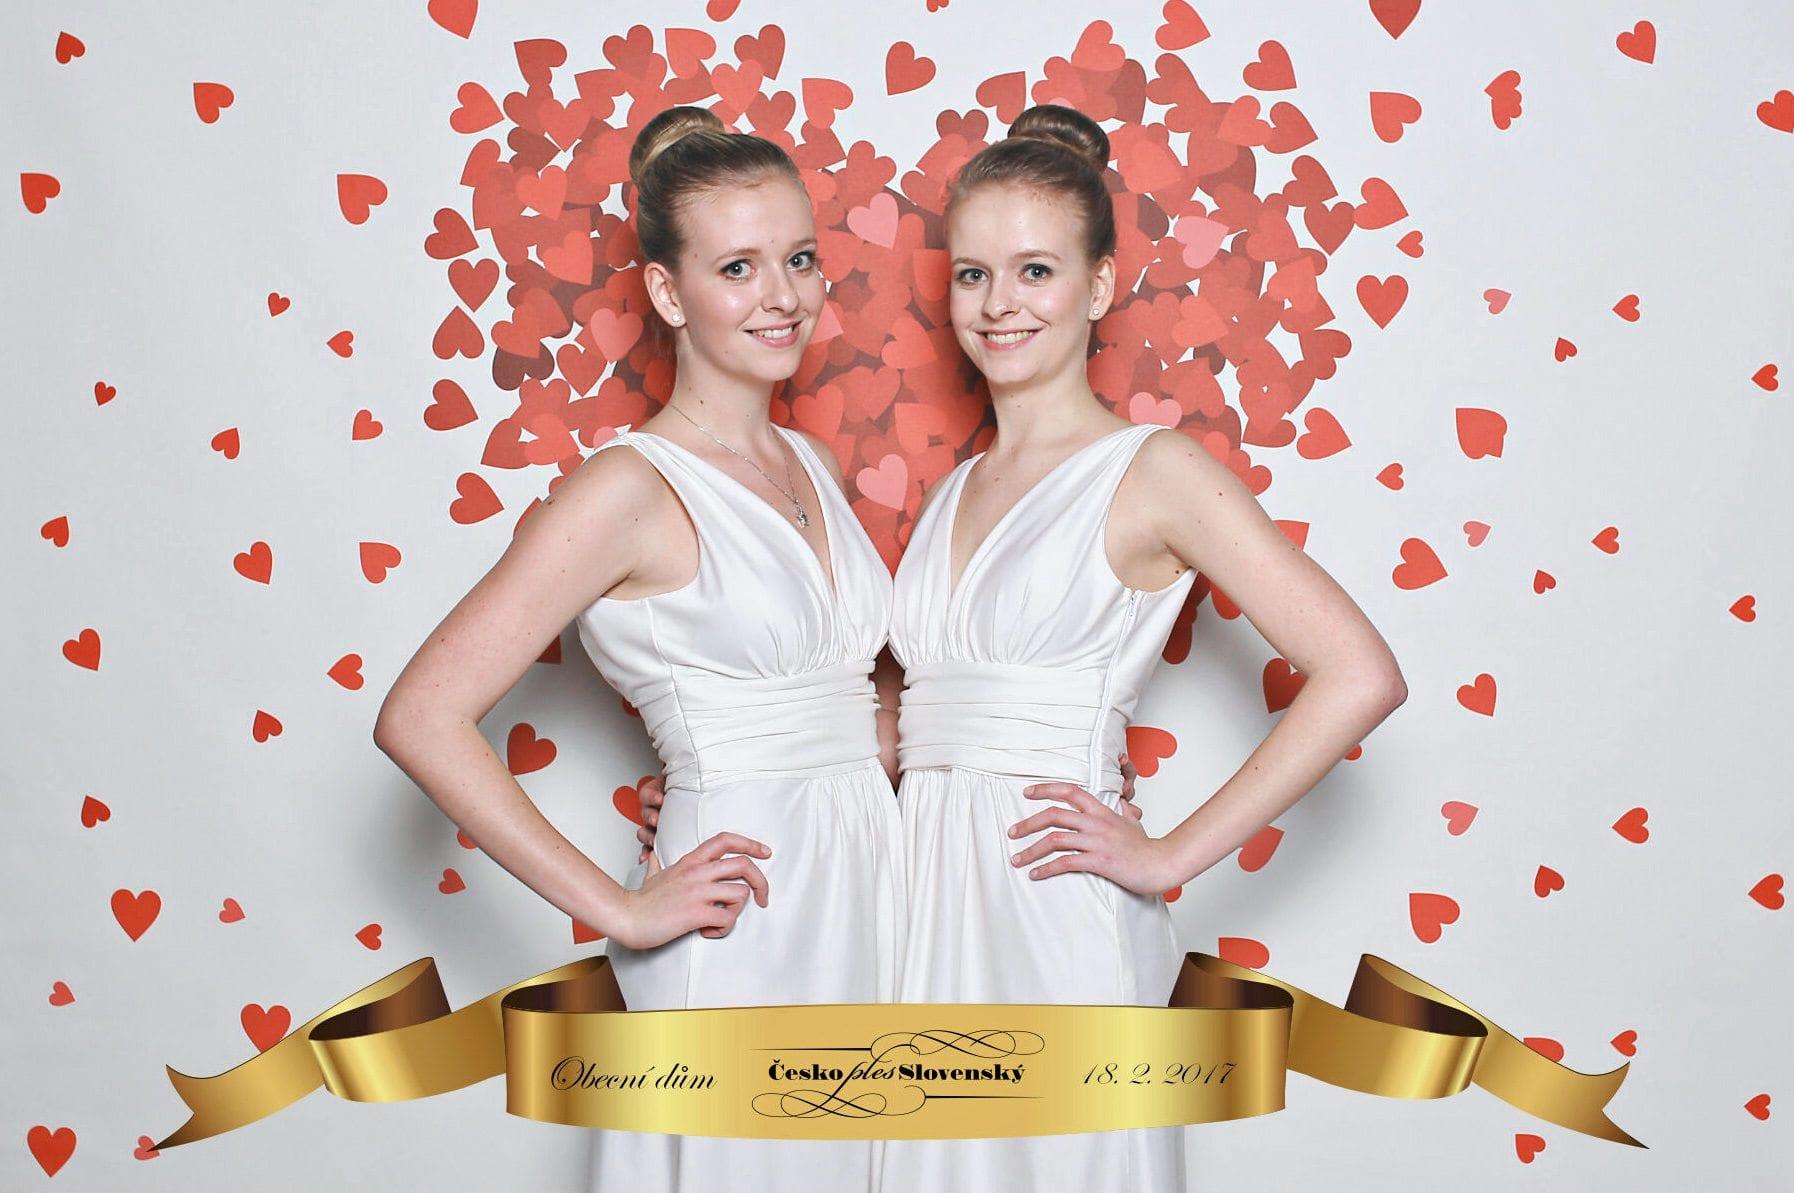 fotokoutek-ples-praha-cesko-slovensky-ples-18-2-2017-224308